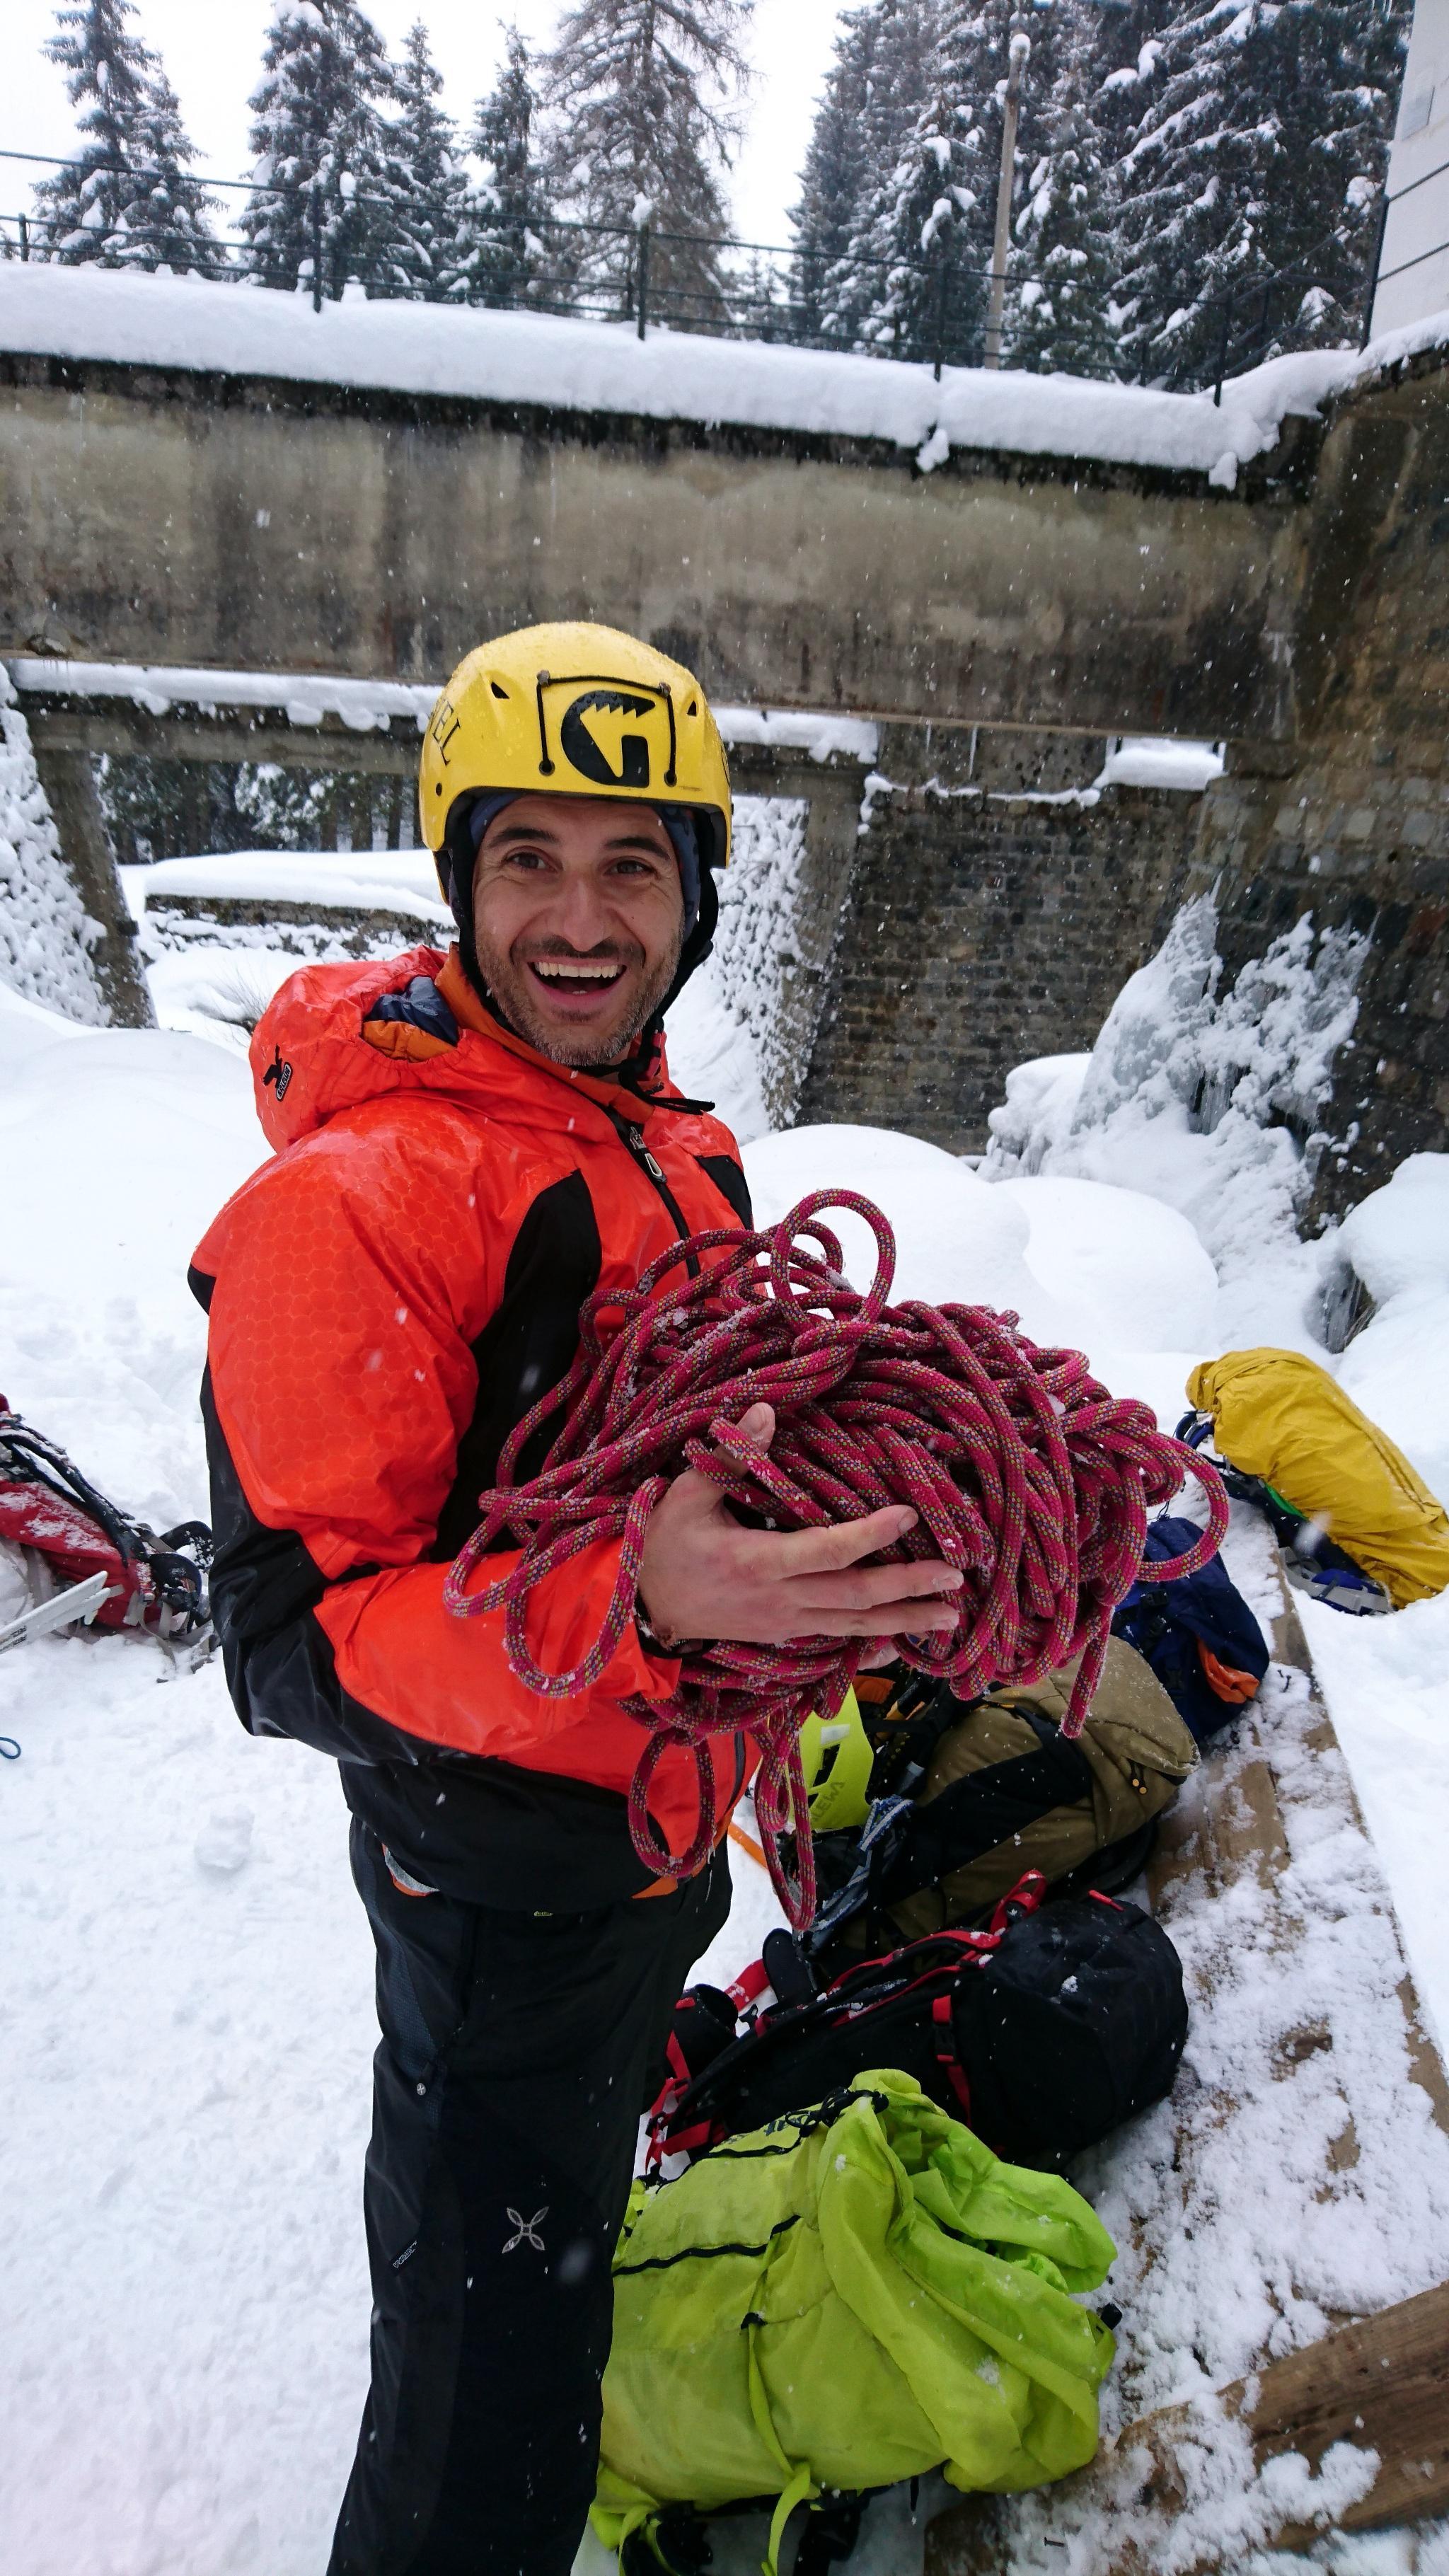 Il Gallo e il suo inguardabile metodo di fare la corda. Shame on him! ;)